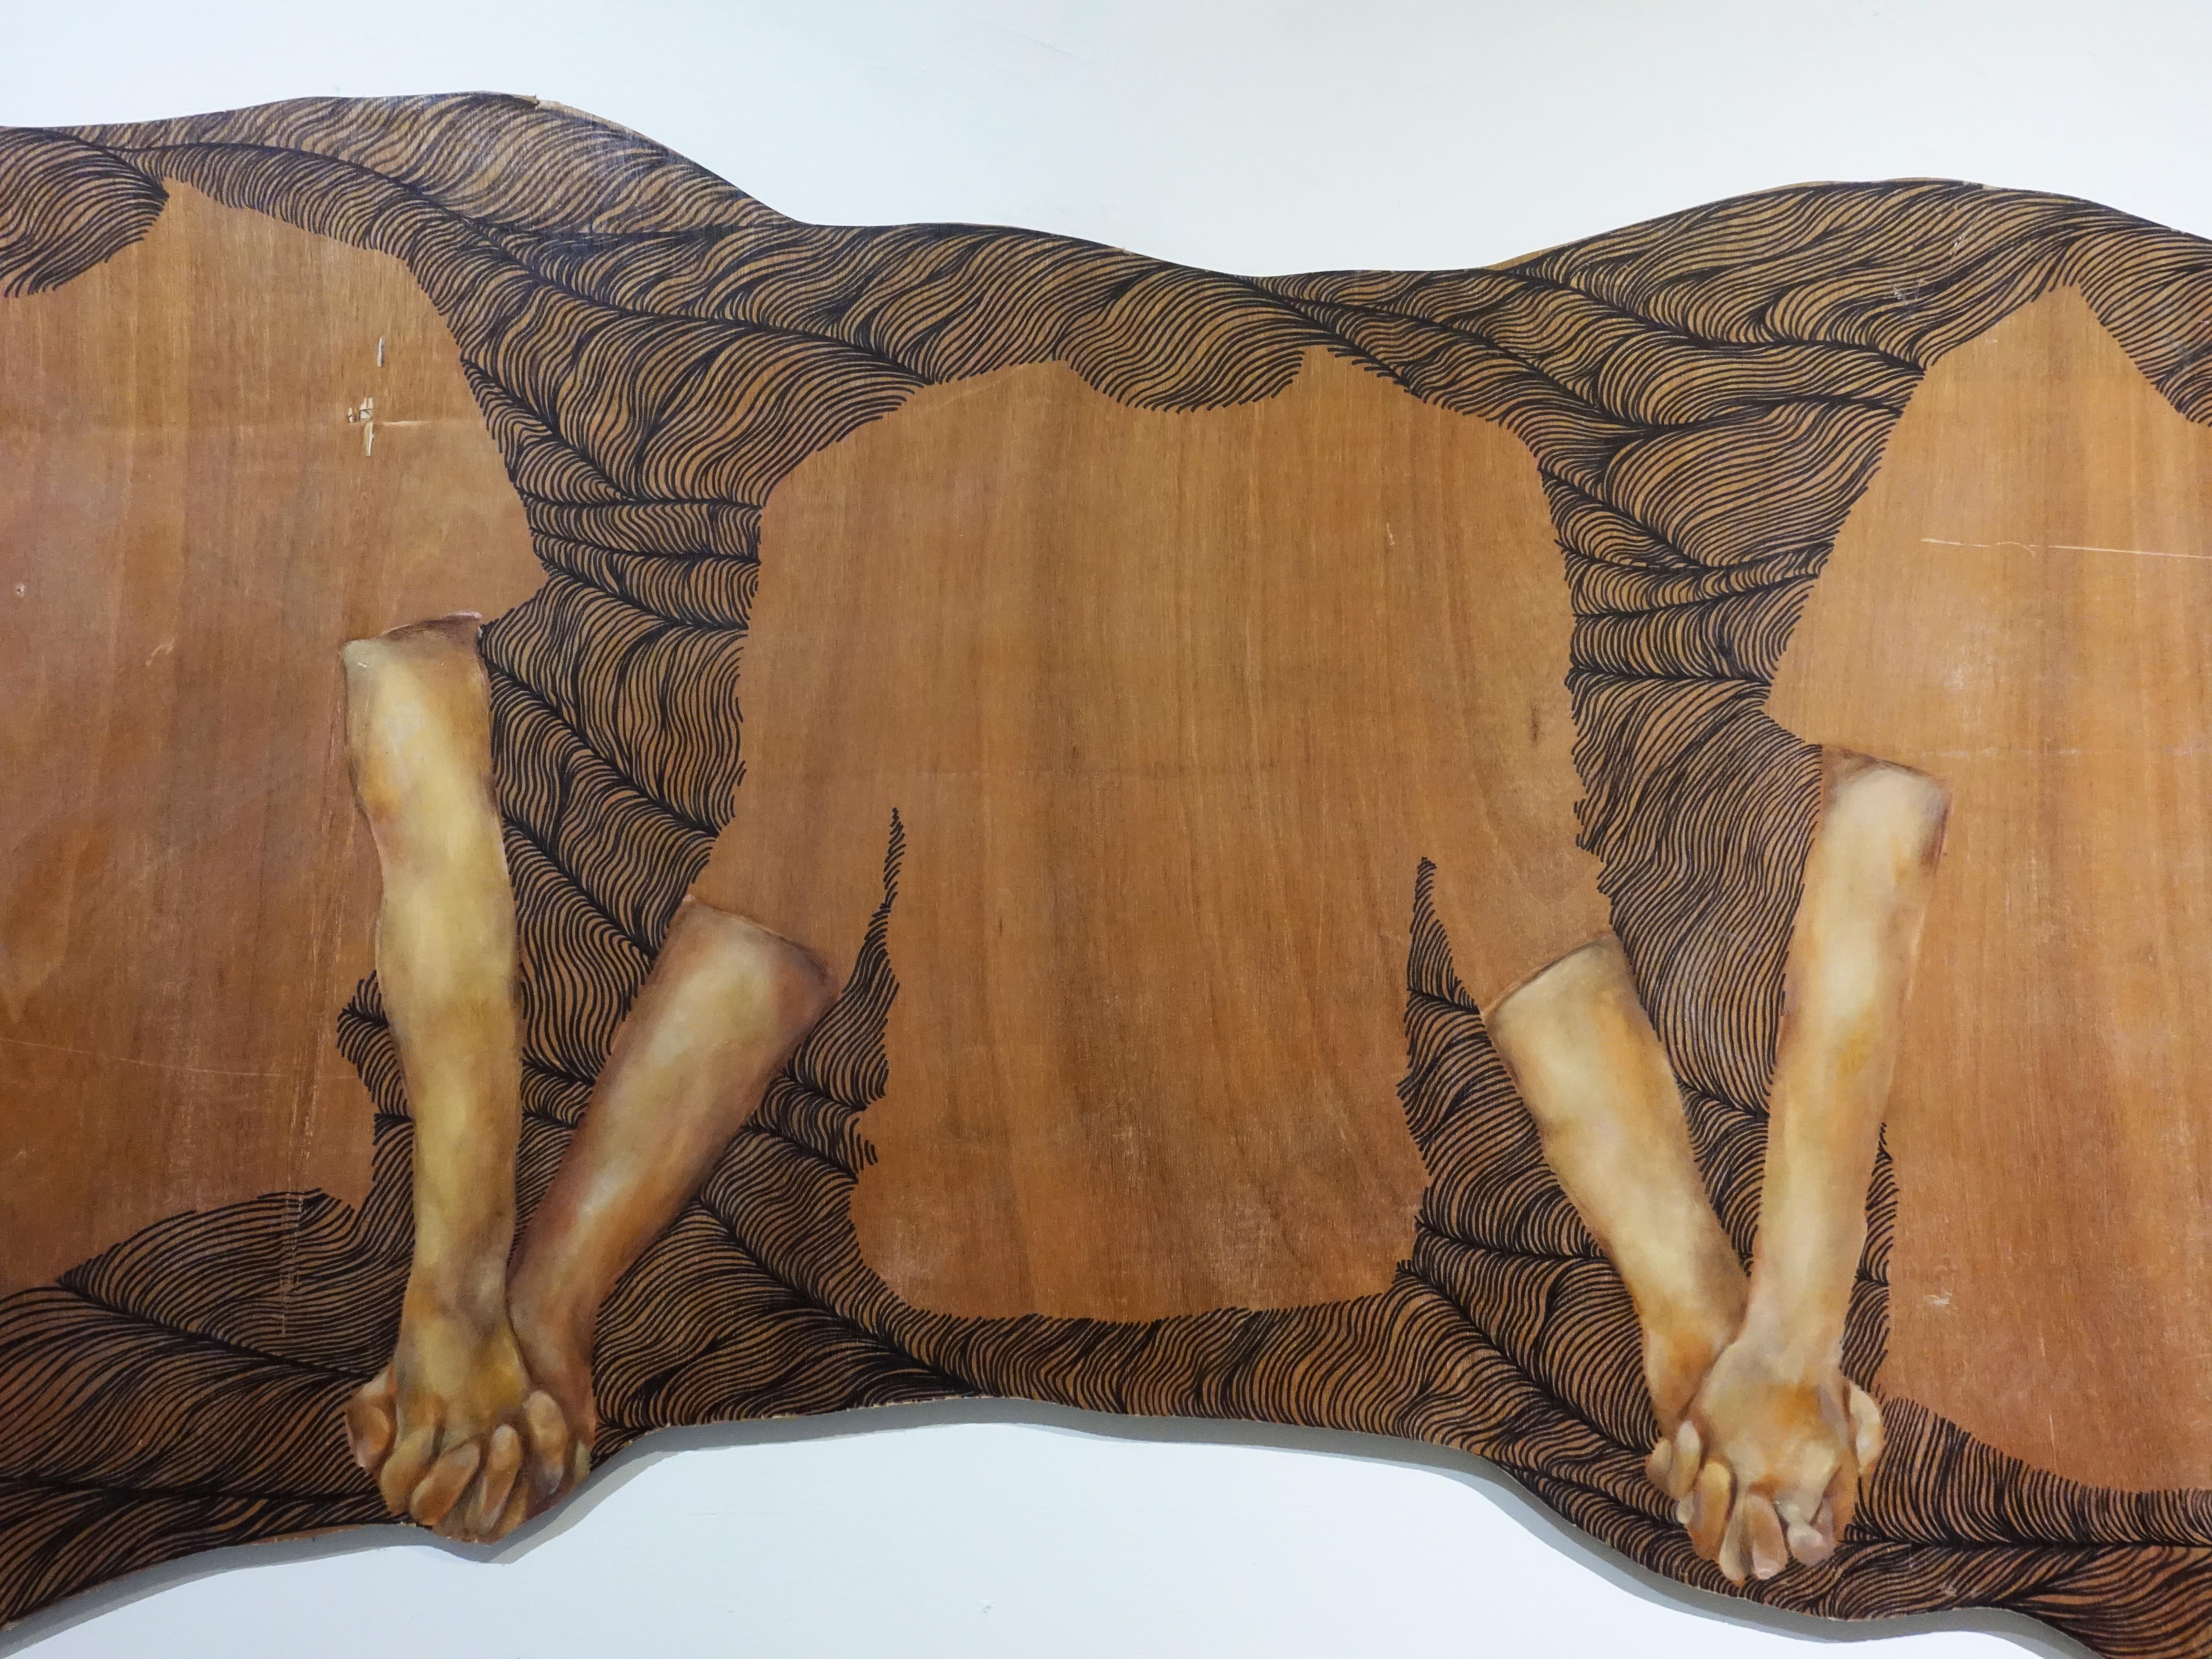 連師屏,《我們就是我們所想的》細節,木材、油彩,78 x 130 cm,2017。